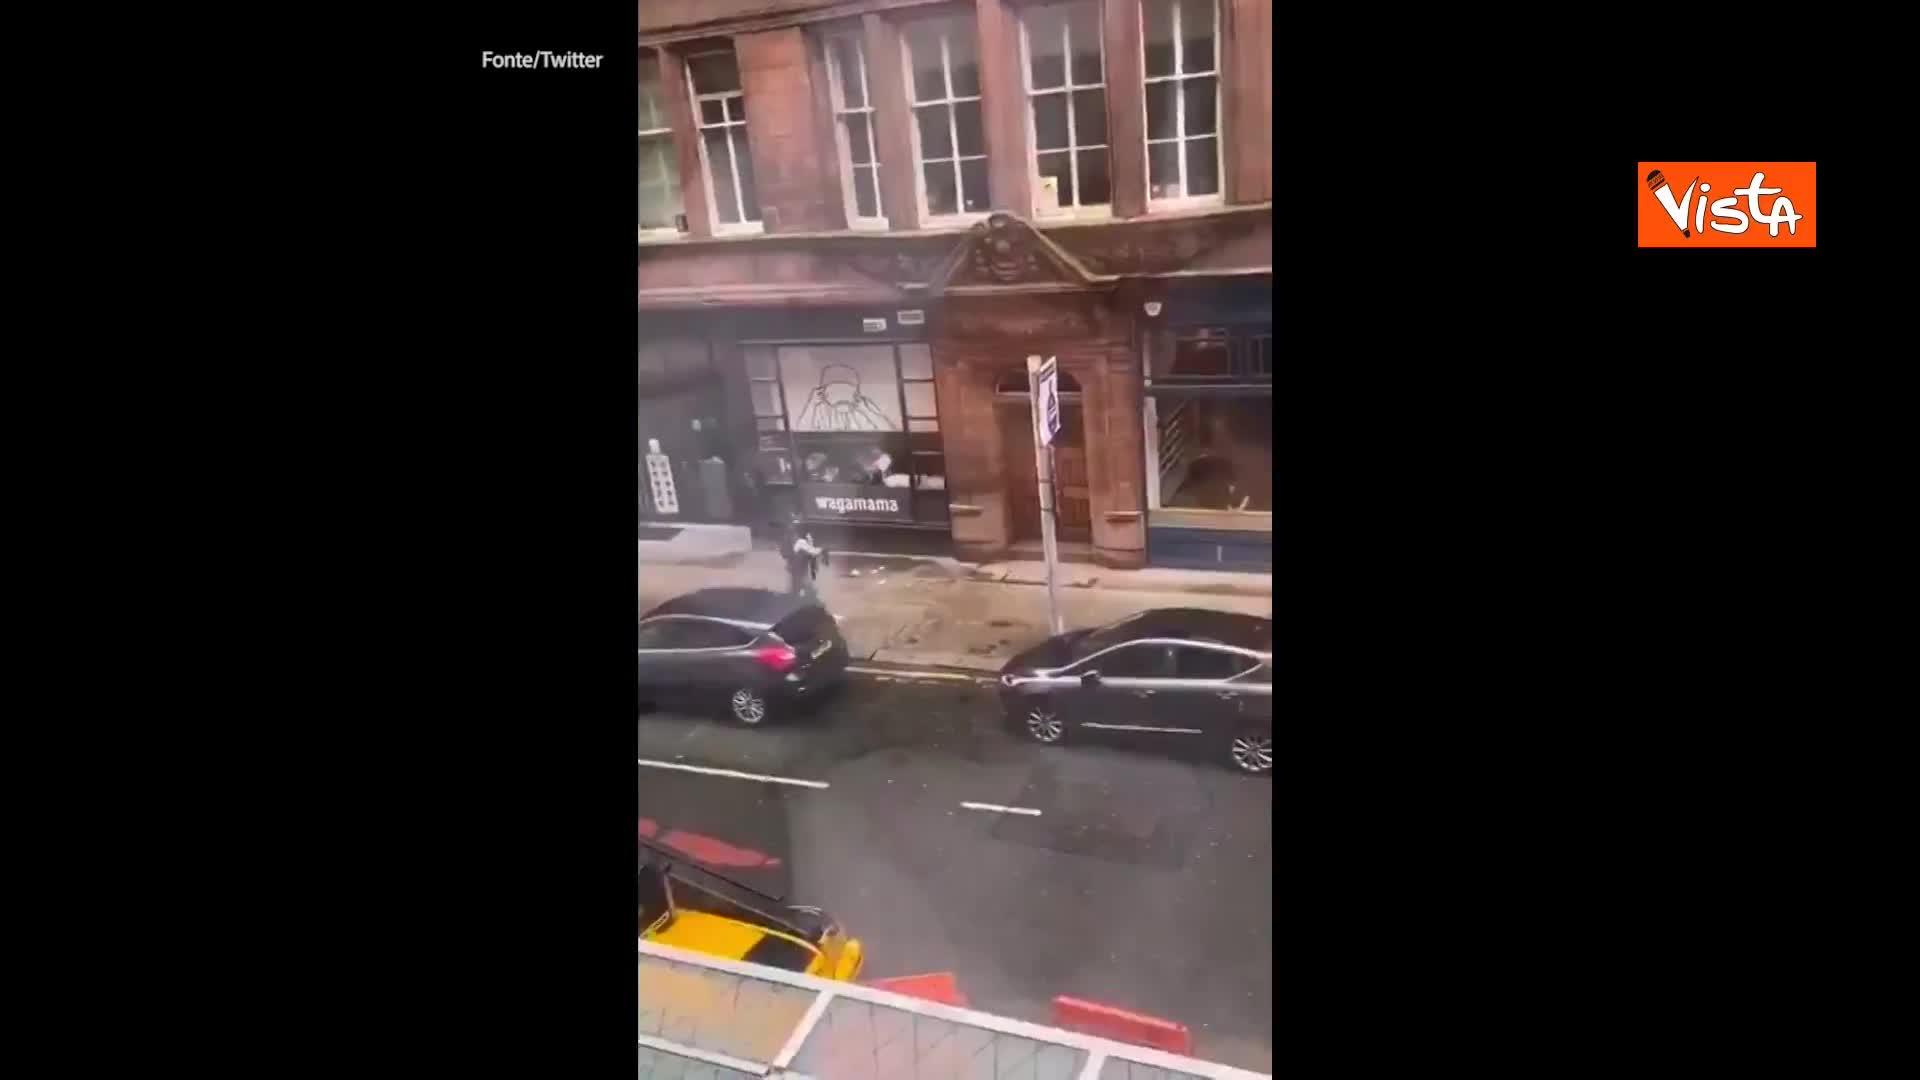 Accoltellamento in un hotel di Glasgow, assalitore ucciso e 6 feriti